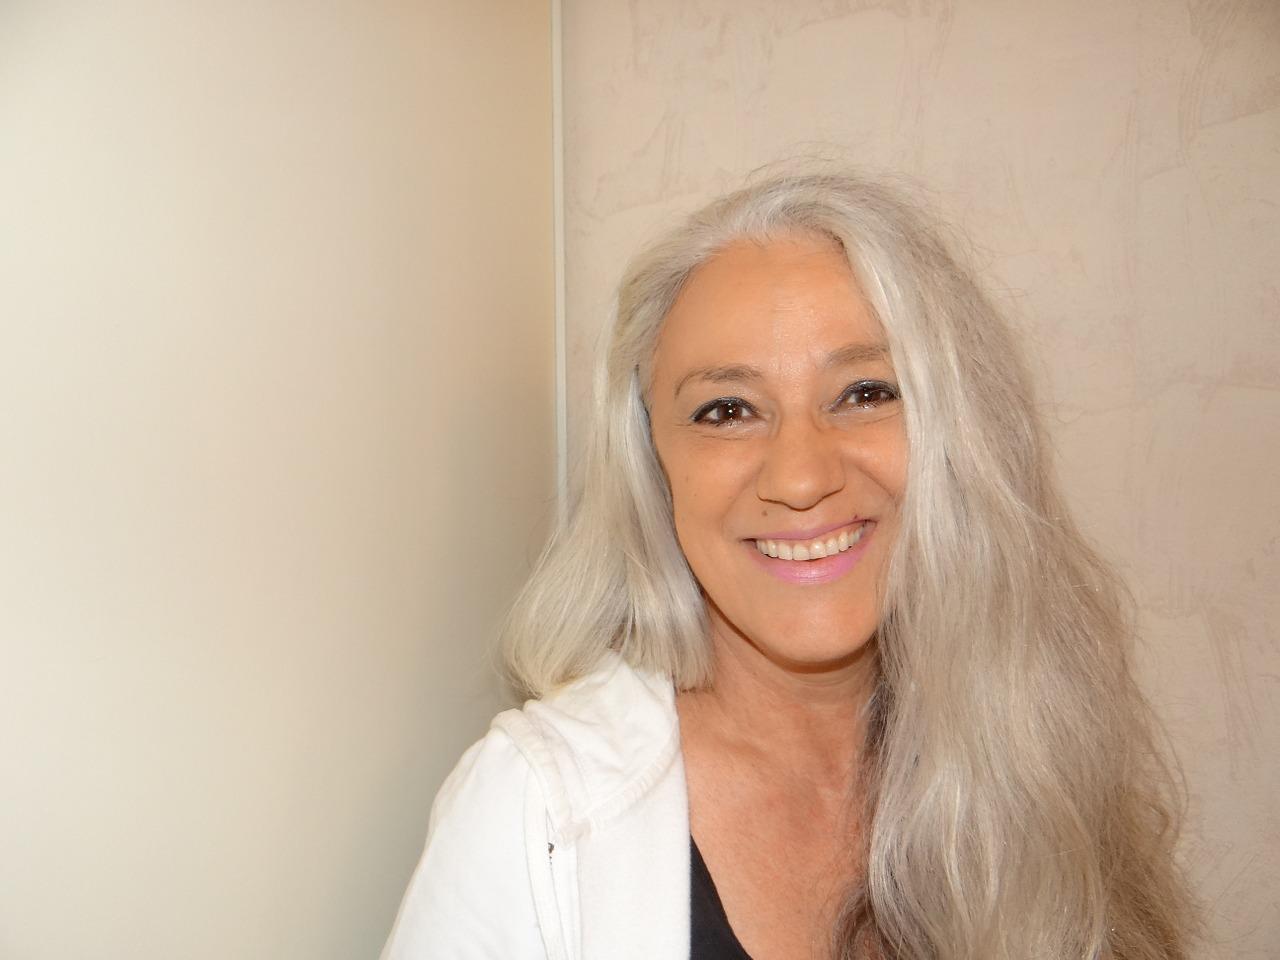 白髪染めやめる⇒おしゃれでカッコいいグレイヘアへ◆老けないためのケア方法